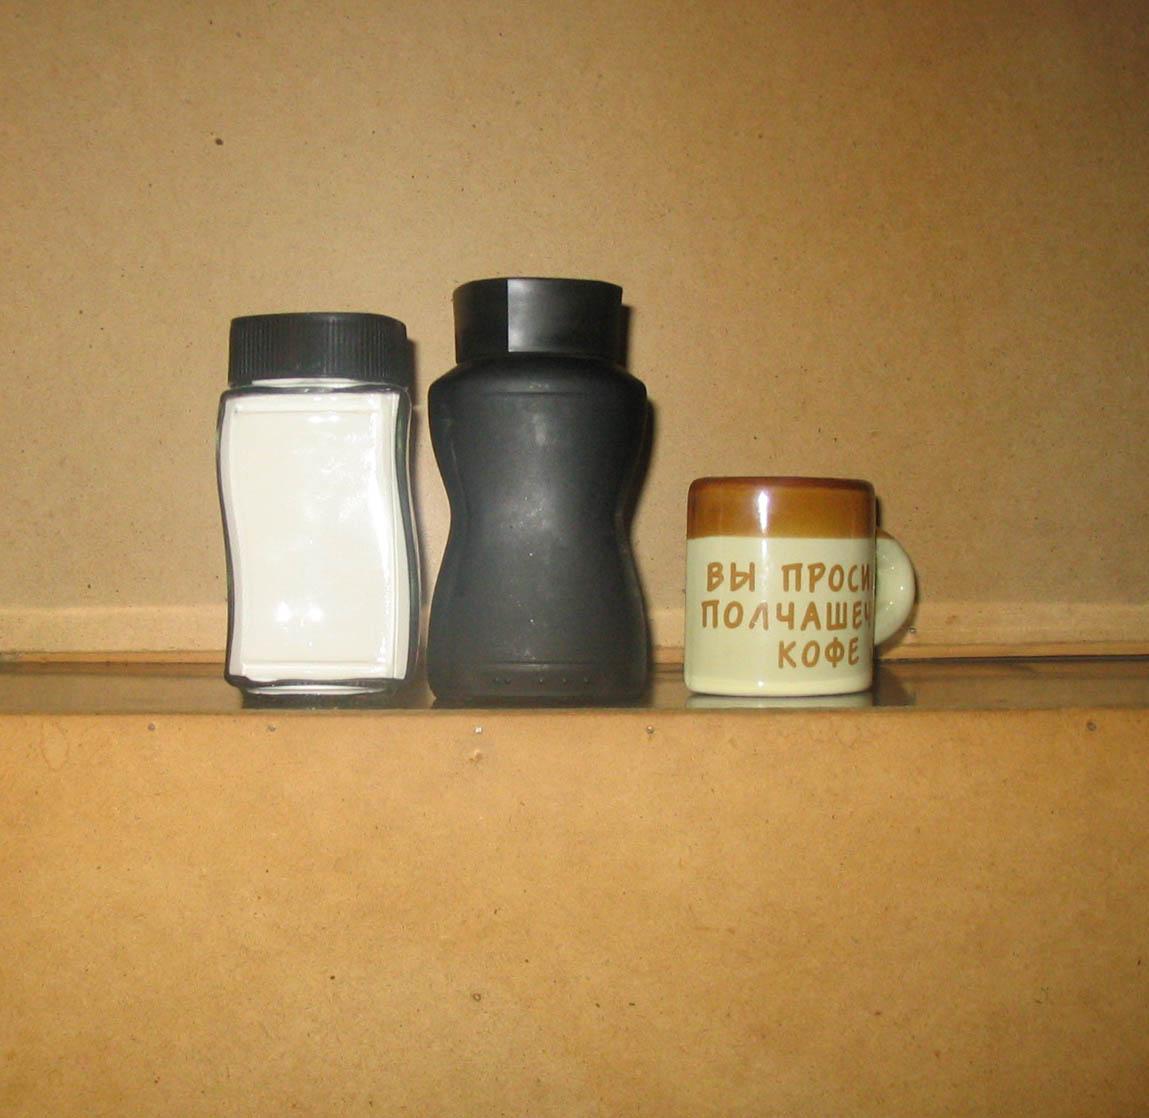 полчашки кофе